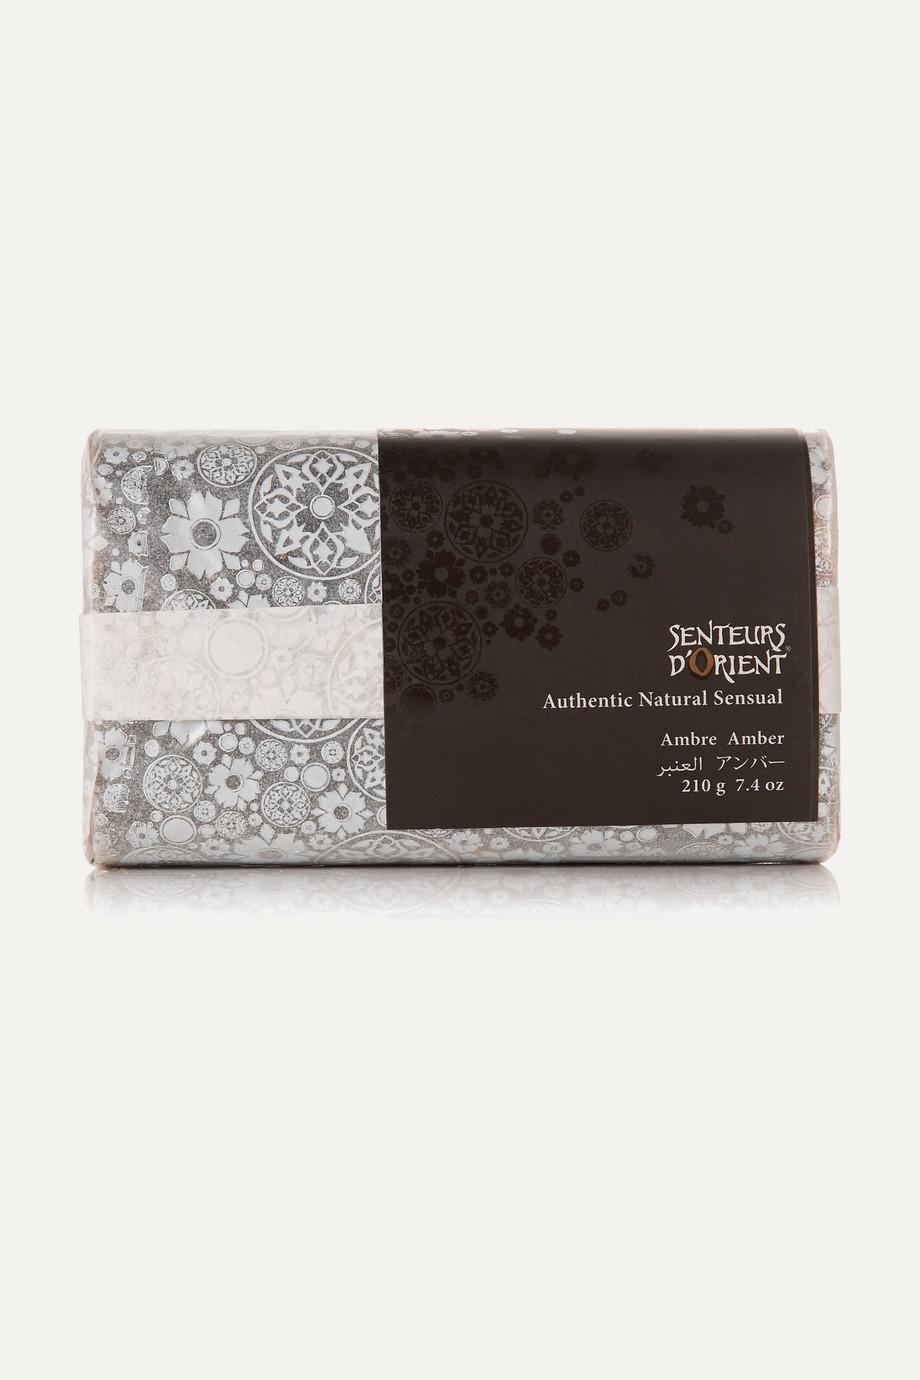 Senteurs d'Orient + NET SUSTAIN Rough Cut Bath Soap - Amber, 210g